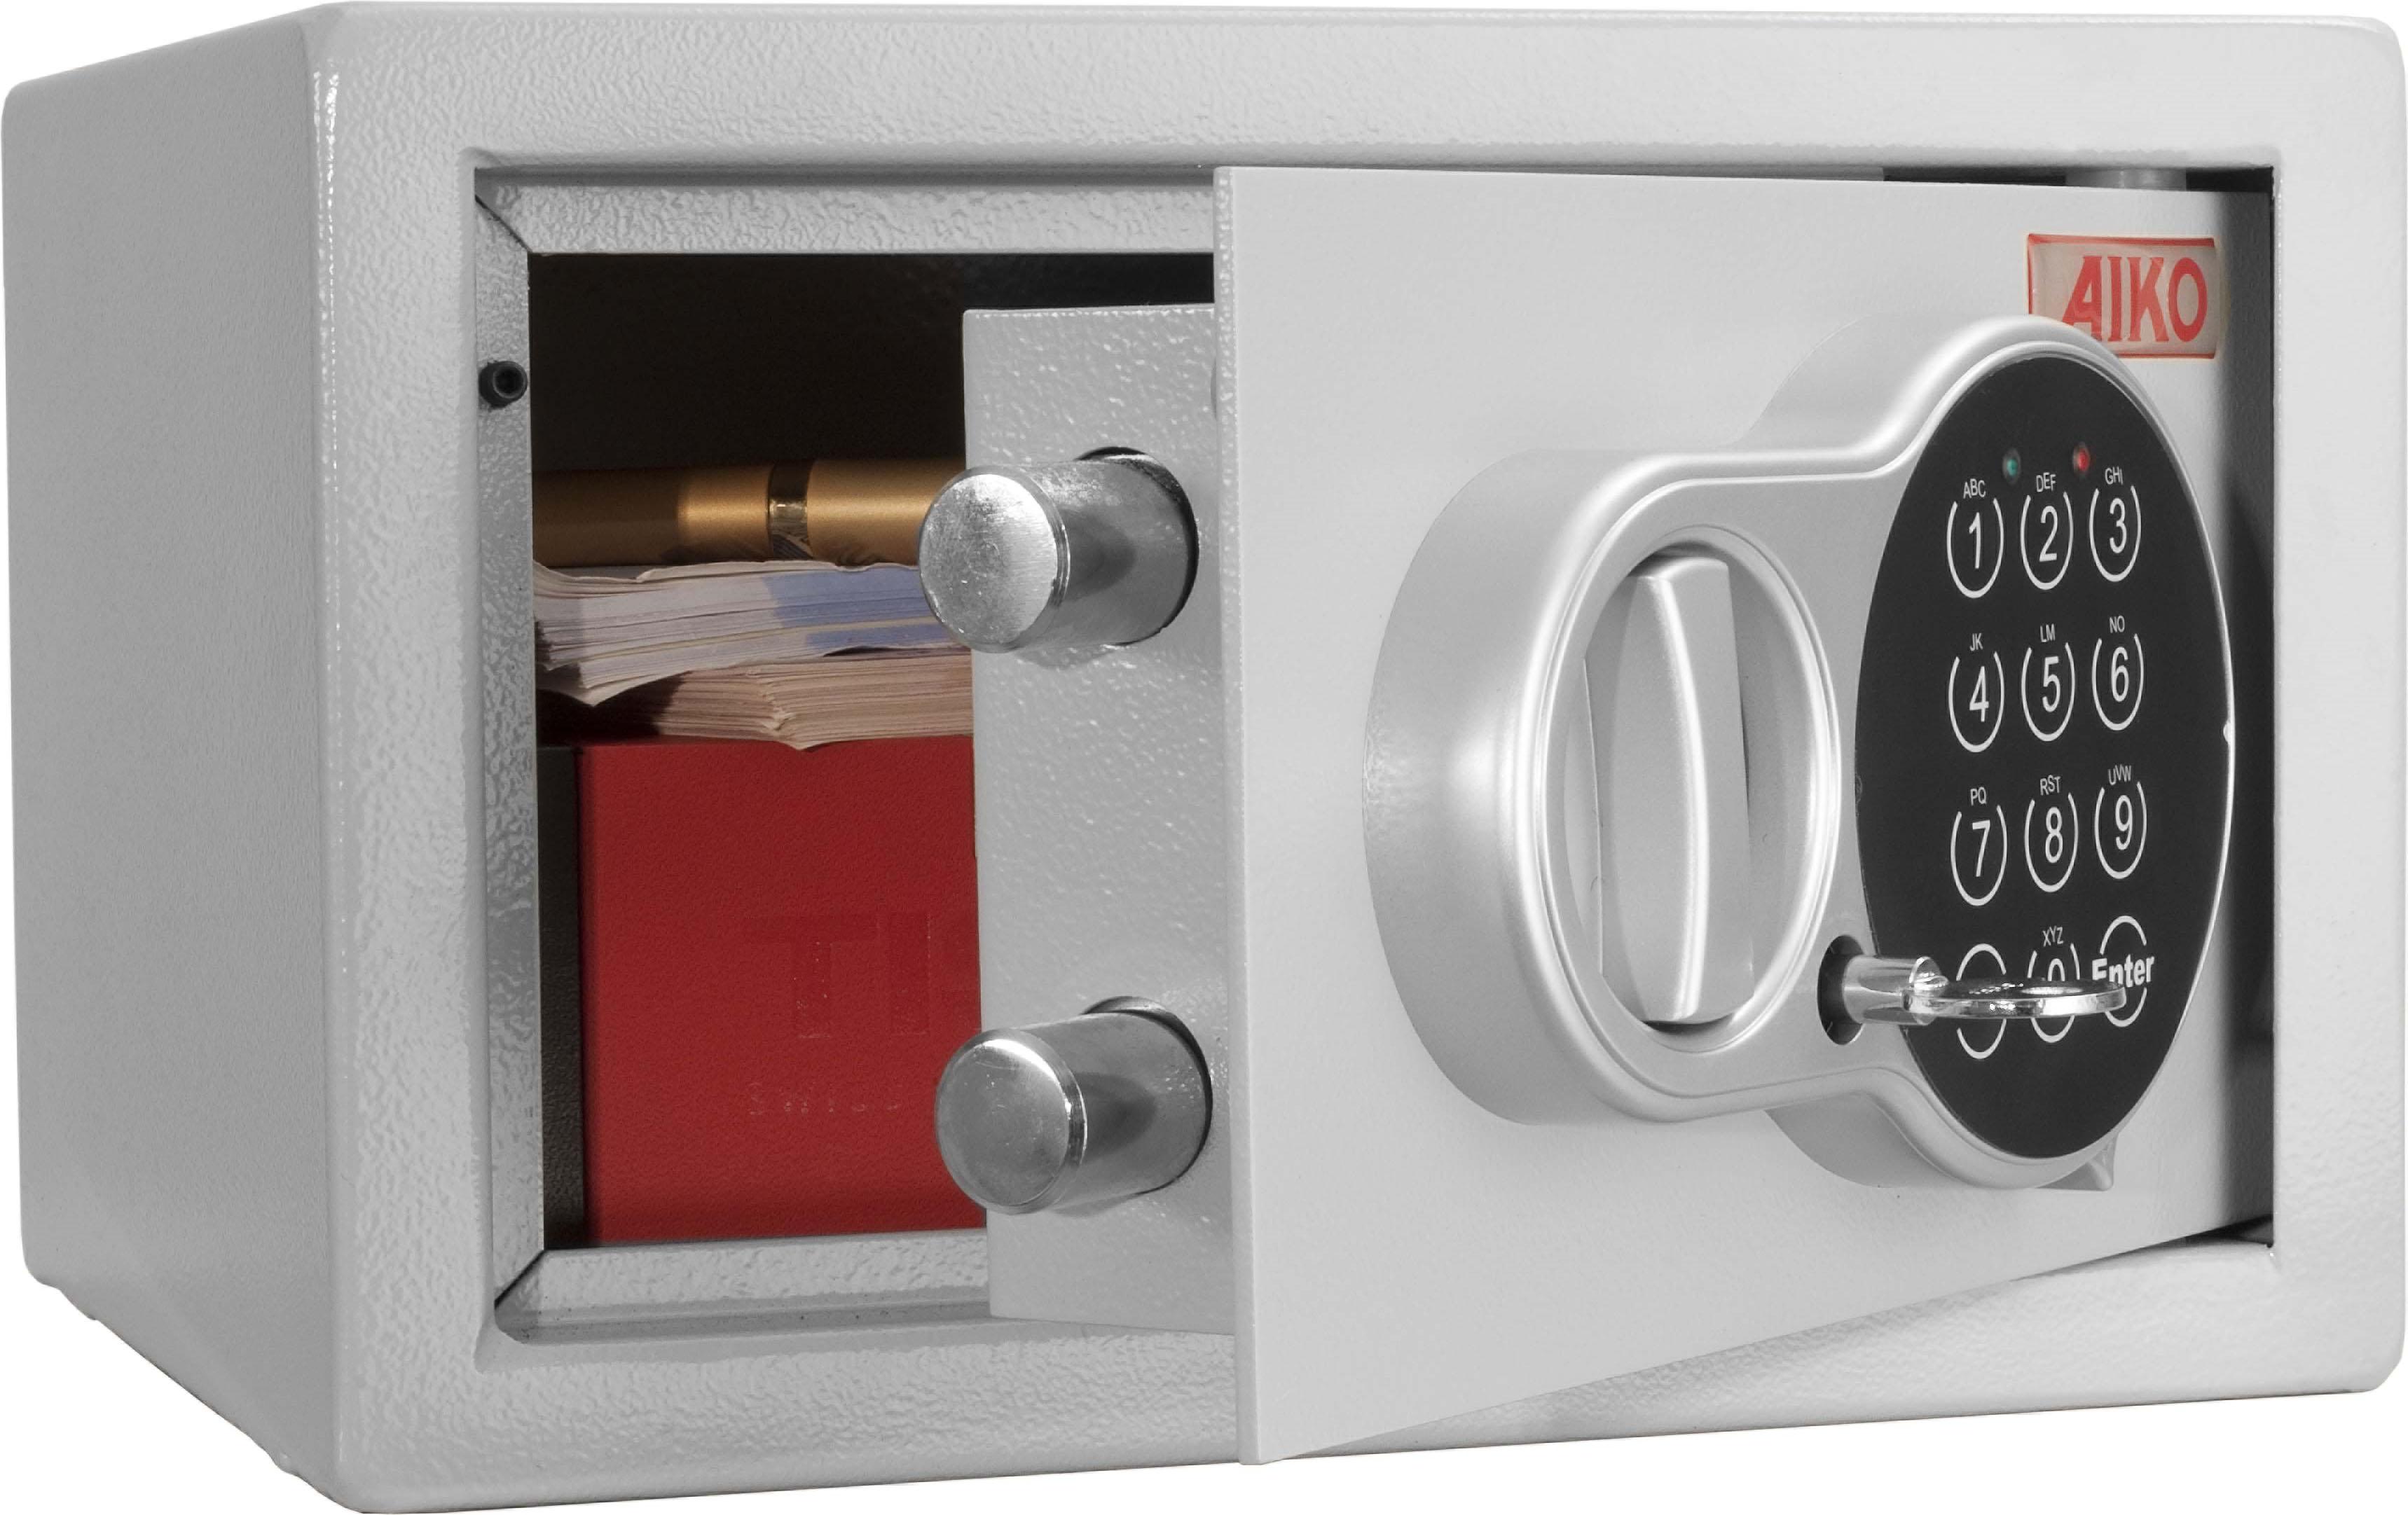 Сейф Aiko T-17.ELS10399250414Это компактный усиленный металлический сейф, рассчитанный на хранение документации, печатей, некрупных сумм денег, травматическогооружия и прочих вещей, доступ к которым желательно ограничить. Сейфы линии Aiko целиком отвечают требованиям МВД РФ к хранению короткоствольного оружия и сертифицированы на устойчивость к взломупо стандарту ГОСТ Р 50862-2005.Aiko T-17.EL - усиленный металлический ящик для защиты от несанкционированного доступа. Подходит для хранения документов, небольшихличных вещей и пр. Его прочная сварная конструкция из стали толщиной 1,2 мм с усиленной дверцей, толщина лицевой панели которой 2,8 мм, запирающейсякодовым электронным замком PLS-1 (Россия) с защитой от подбора кода и функцией аварийного открывания с помощью мастер-ключа -прослужит вам очень долго. Замок работает с кодовыми комбинациями из 4-6 цифр, его питание осуществляется от четырех батареек класса ААА на 1,5В. В зависимостиот интенсивности эксплуатации, заряда хватает, примерно, на год-полтора. Встроенная индикация сигнализирует о падении напряжения врабочей системе. Доступ к батарейкам осуществляется с наружной стороны дверцы. Память замка не зависти от заряда батареи и рабочийкод не сбрасывается. Поверхность сейфа покрыта износостойким порошковым покрытием. Так же, конструкционно предусмотрена возможность анкерного креплениясейфа к стене.